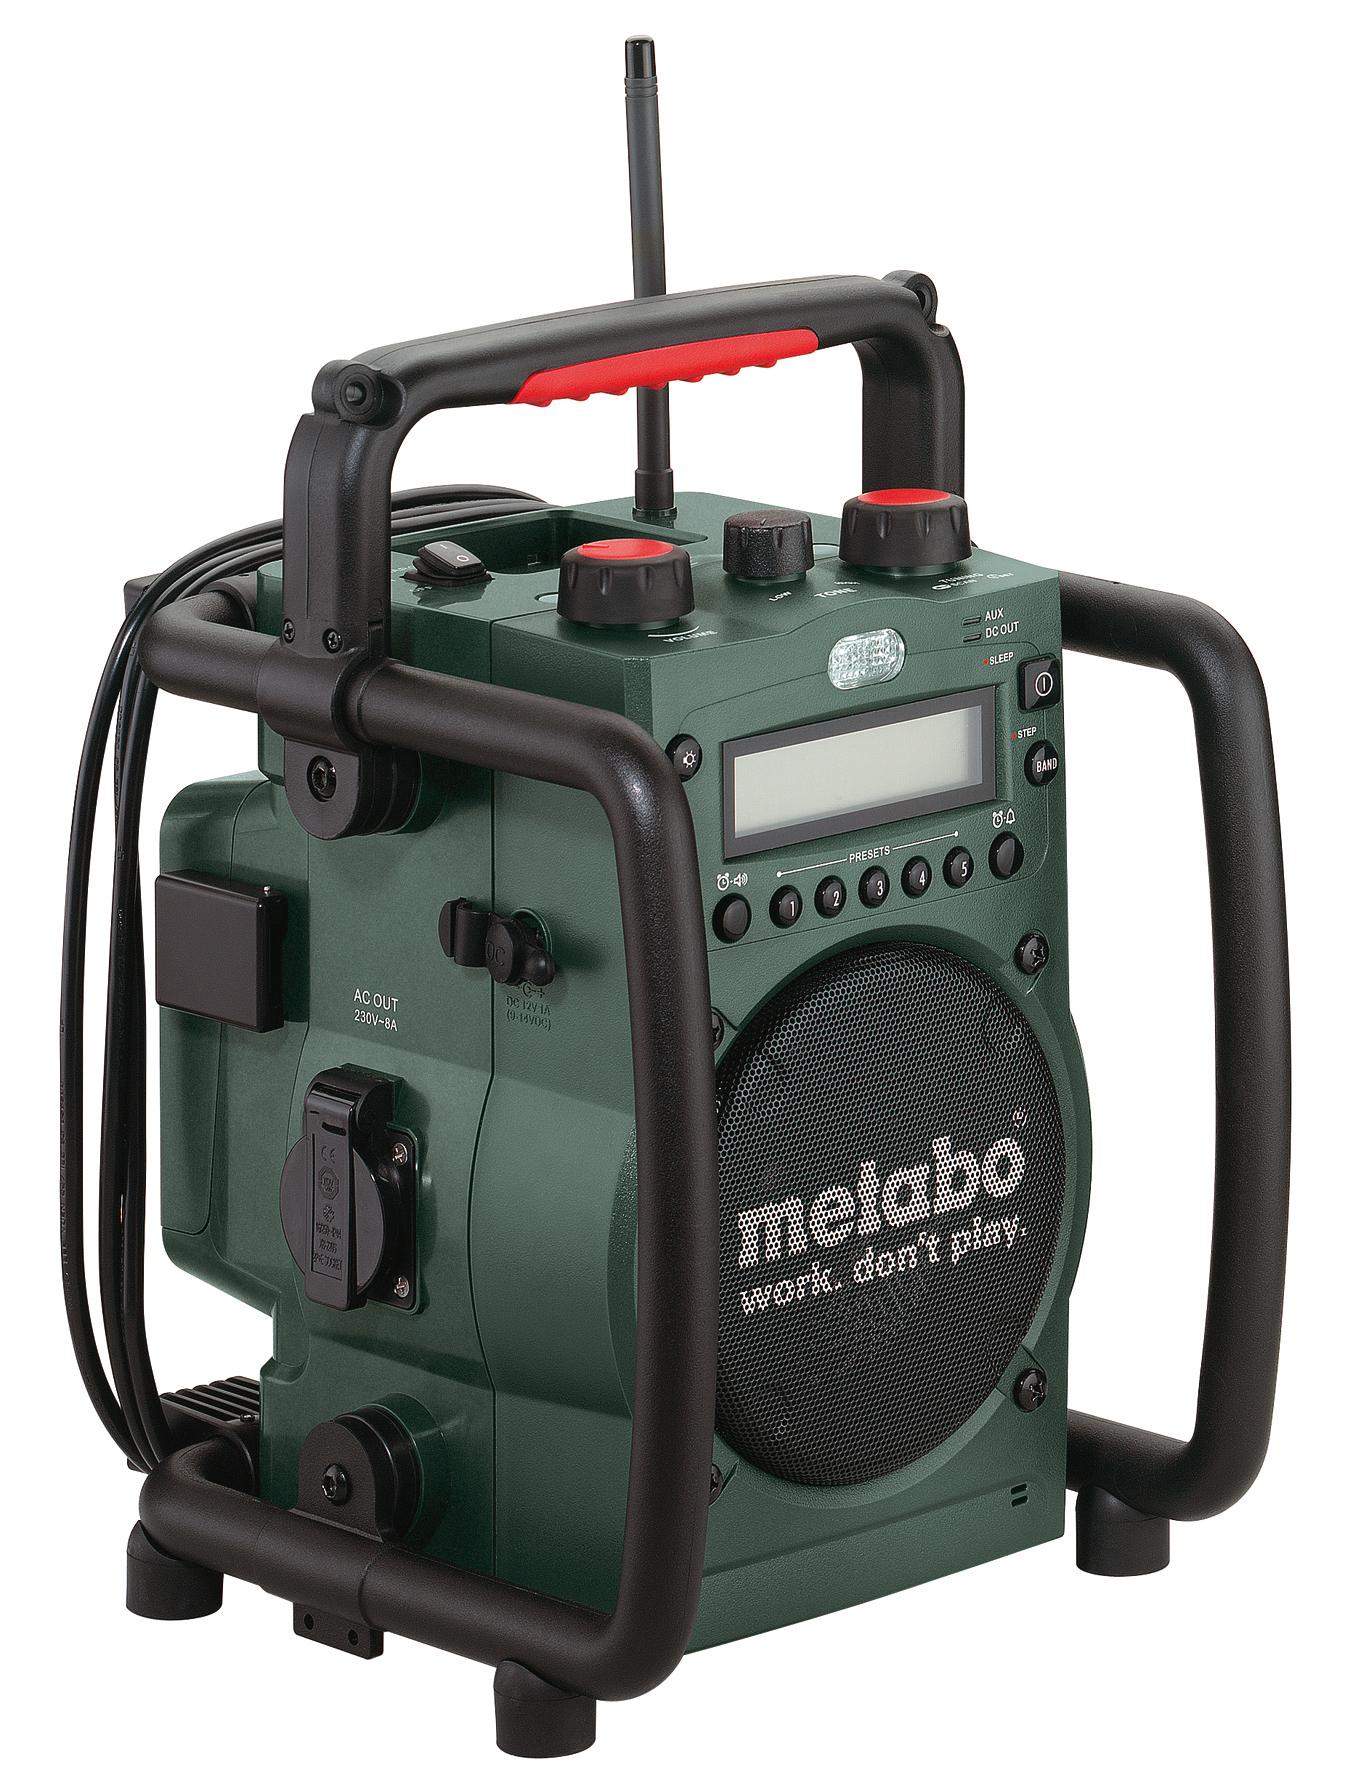 metabo baustellenradio rc 14 4 18 weden metabo service. Black Bedroom Furniture Sets. Home Design Ideas